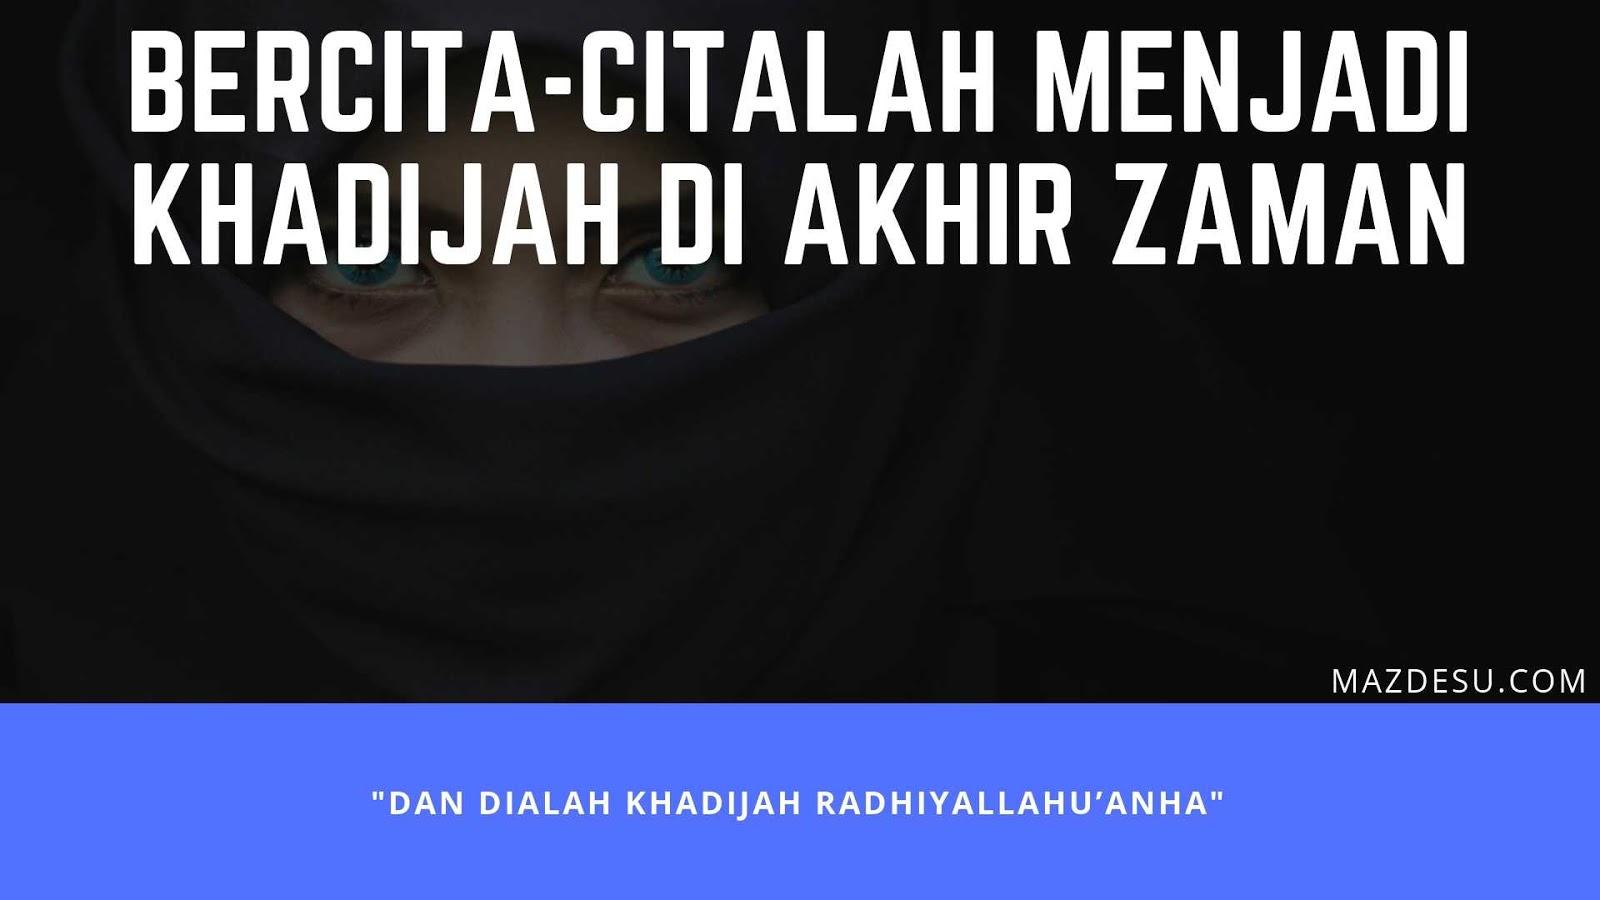 Bercita-citalah Menjadi Khadijah di Akhir Zaman